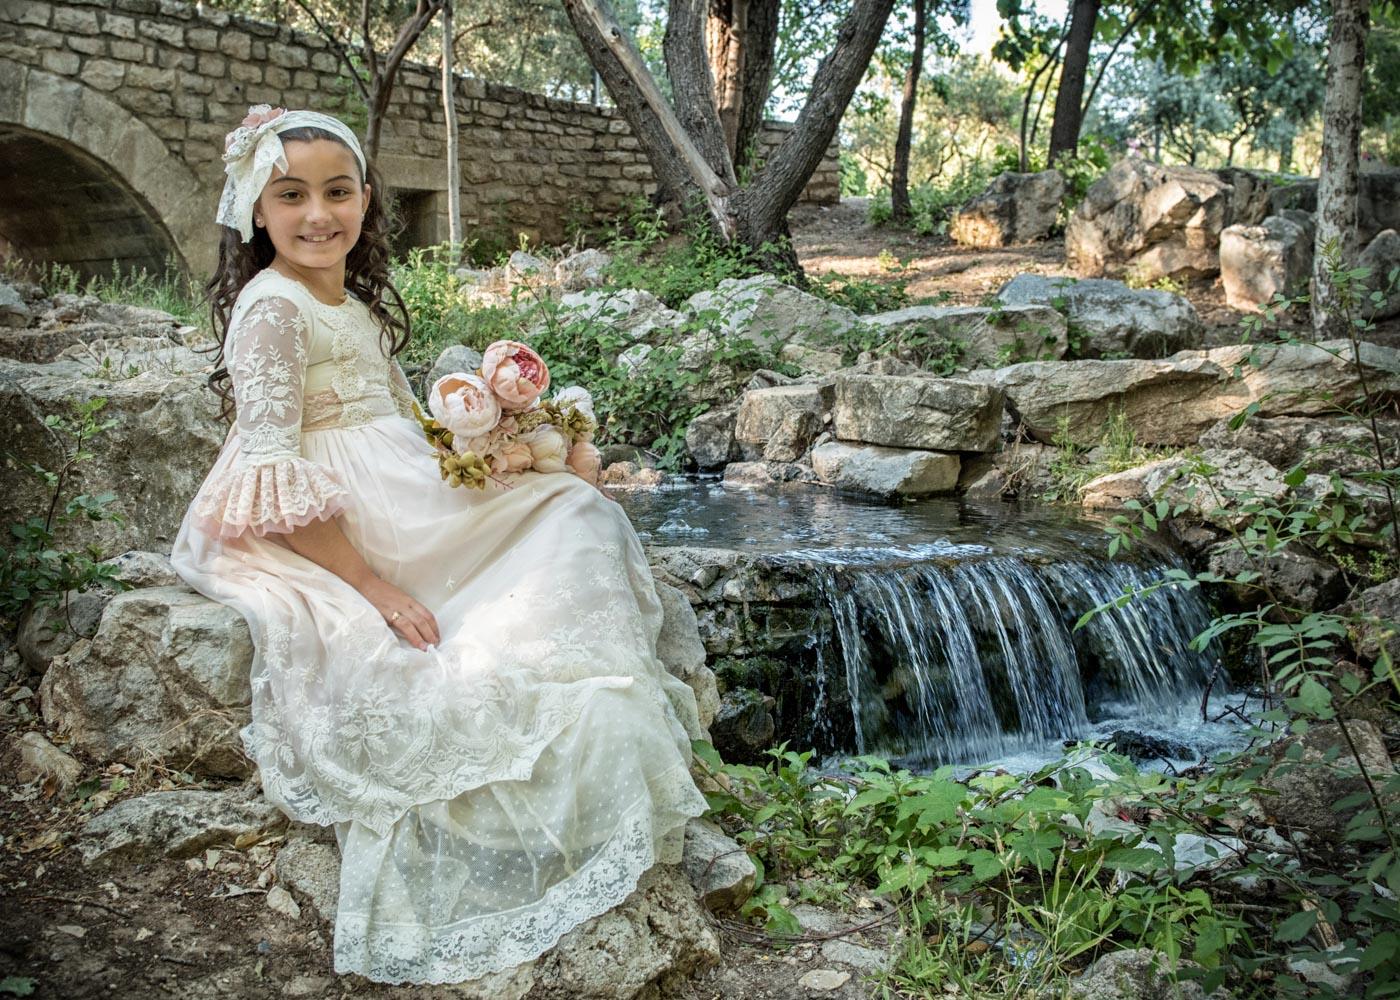 COMUNIÓN 2021 - Fotógrafos profesionales de Comunión en Guadalajara | Mónica López Fotografía | Comuniones originales